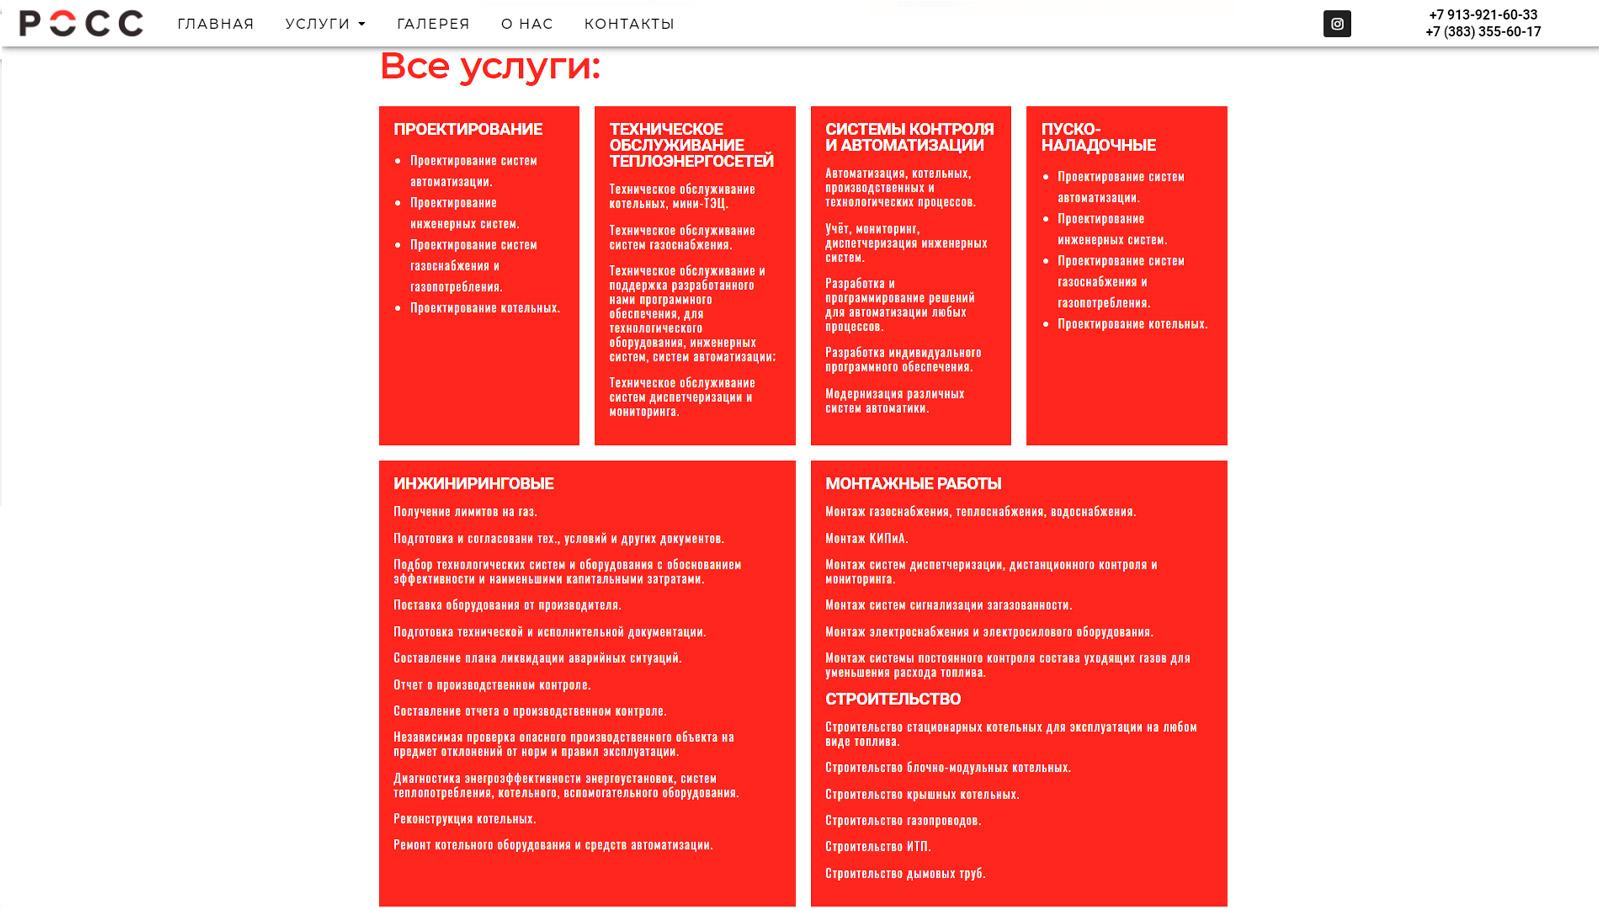 SPS_sajt_ross_avtomatizaciya8